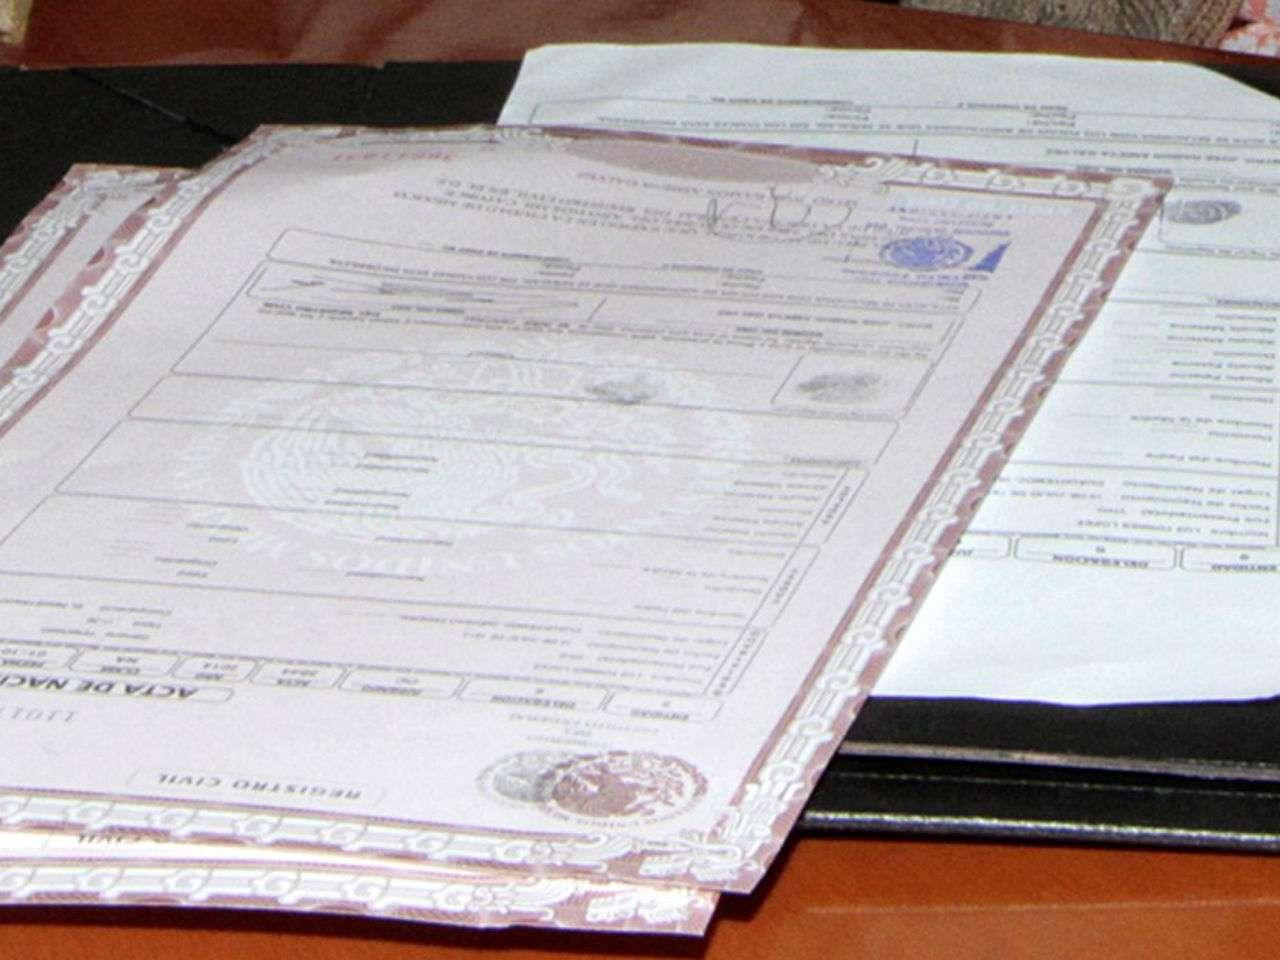 El dictamen con las reformas aprobado por los legisladores fue remitido al Senado para su revisión y aprobación. Foto: Notimex